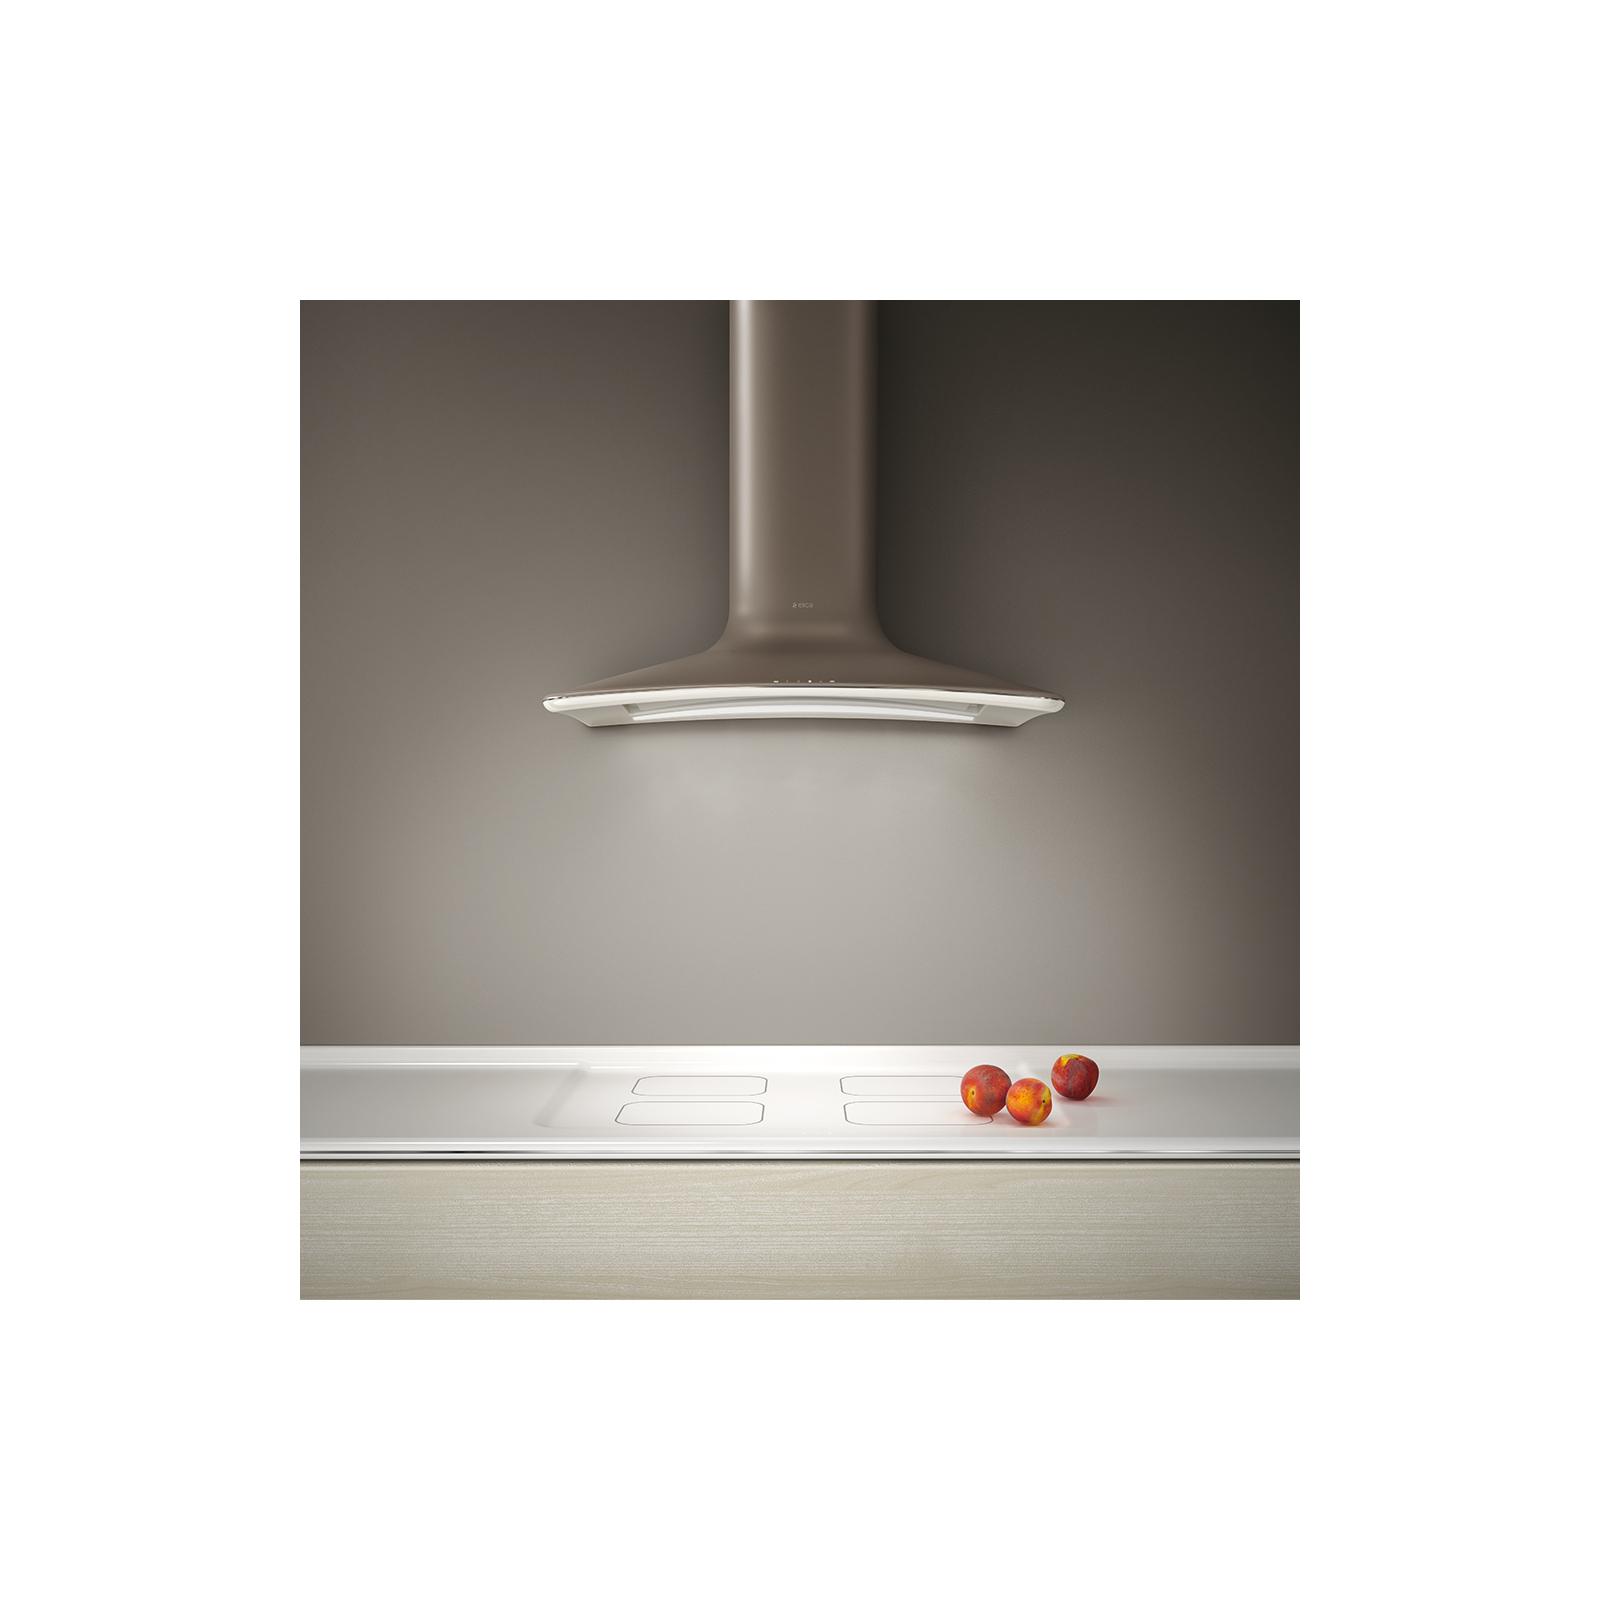 Вытяжка кухонная Elica SWEET IVORY/A/86 изображение 3